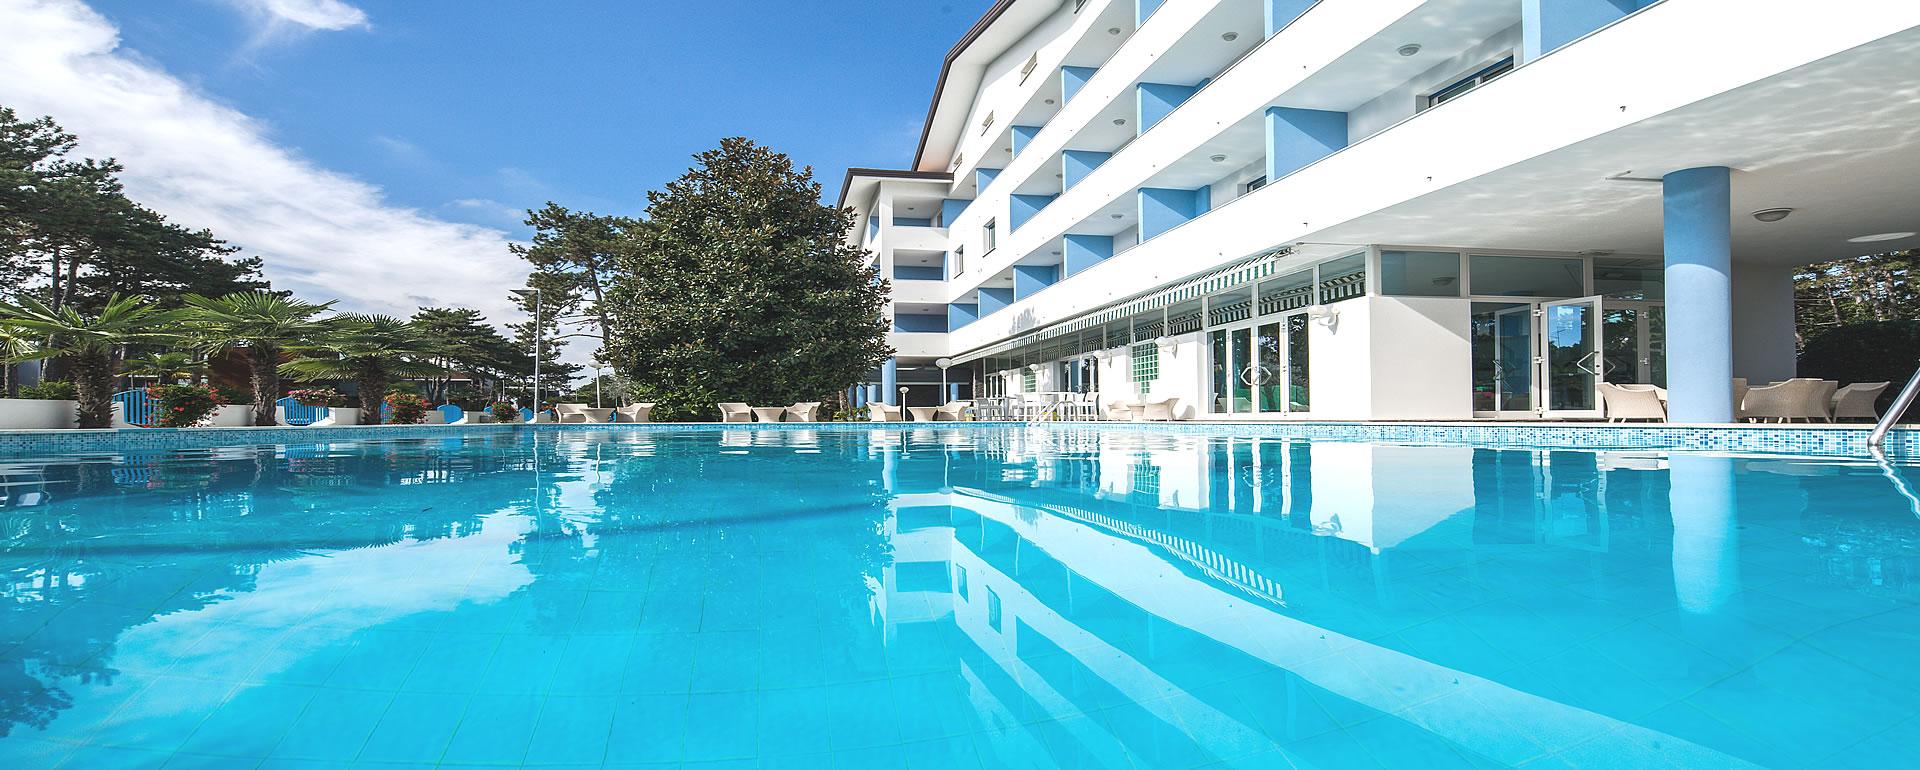 Hotel Olympia Lignano